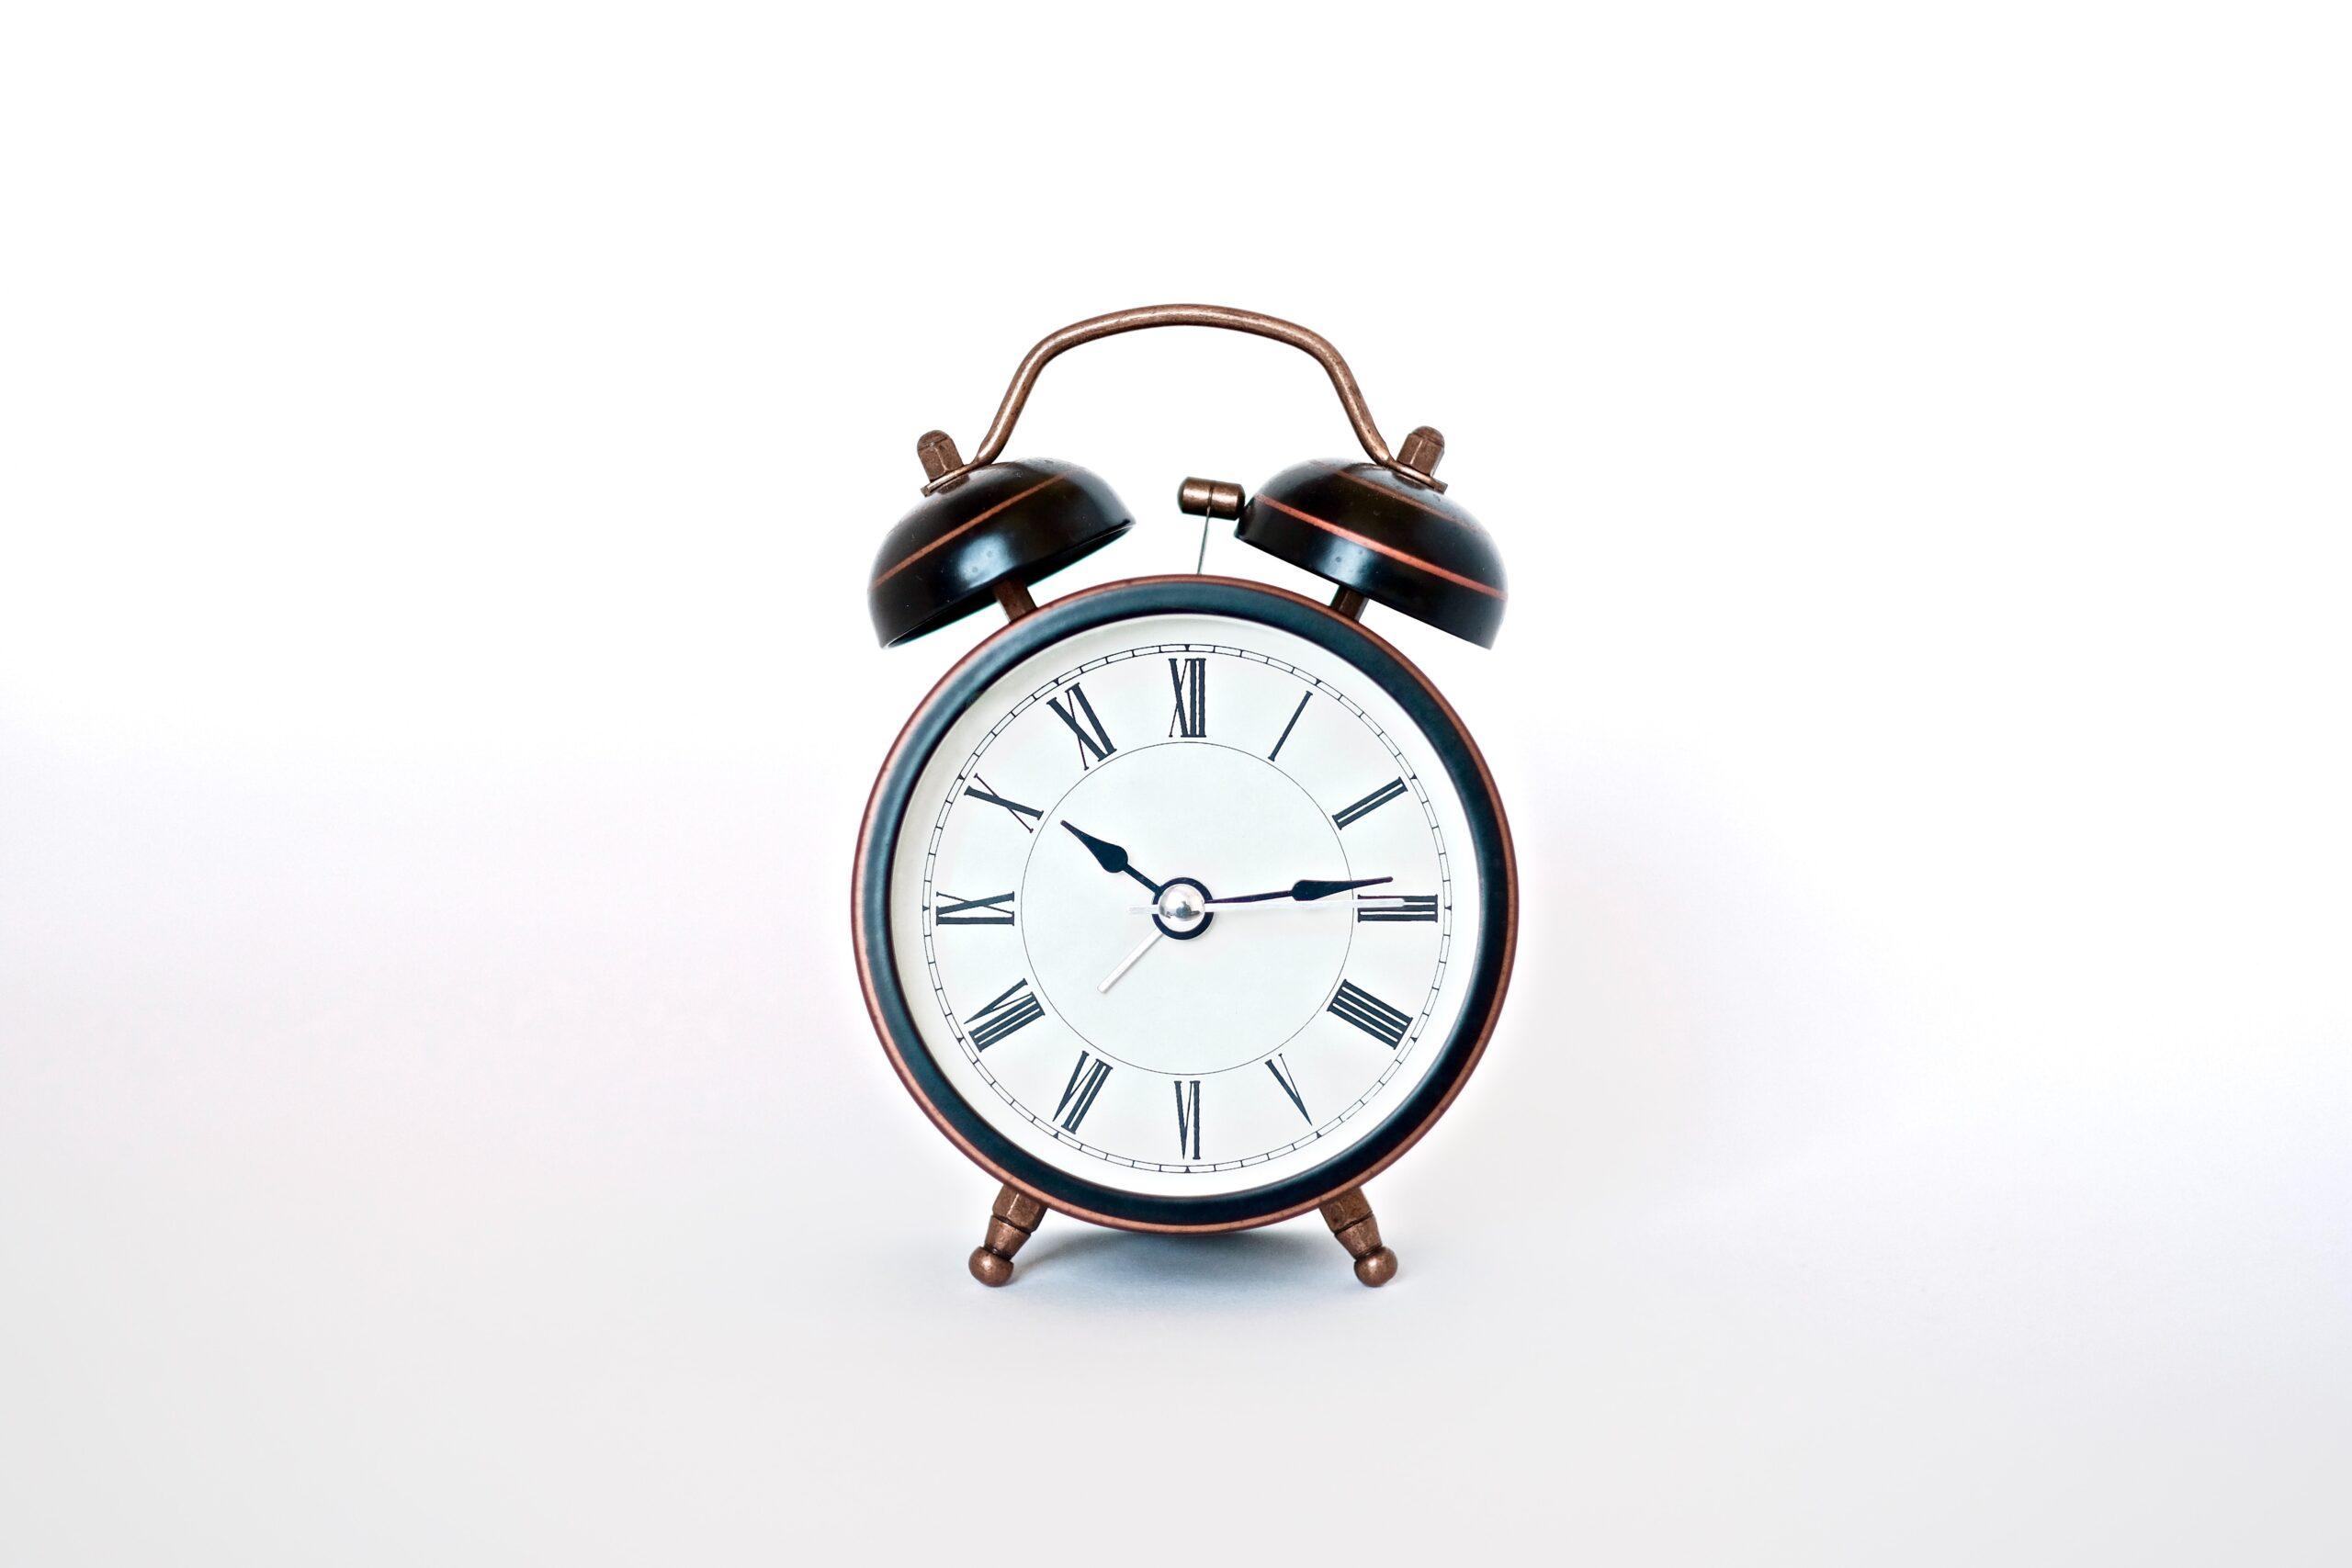 絶対に寝坊しなくなるおすすめの大音量目覚まし時計6選